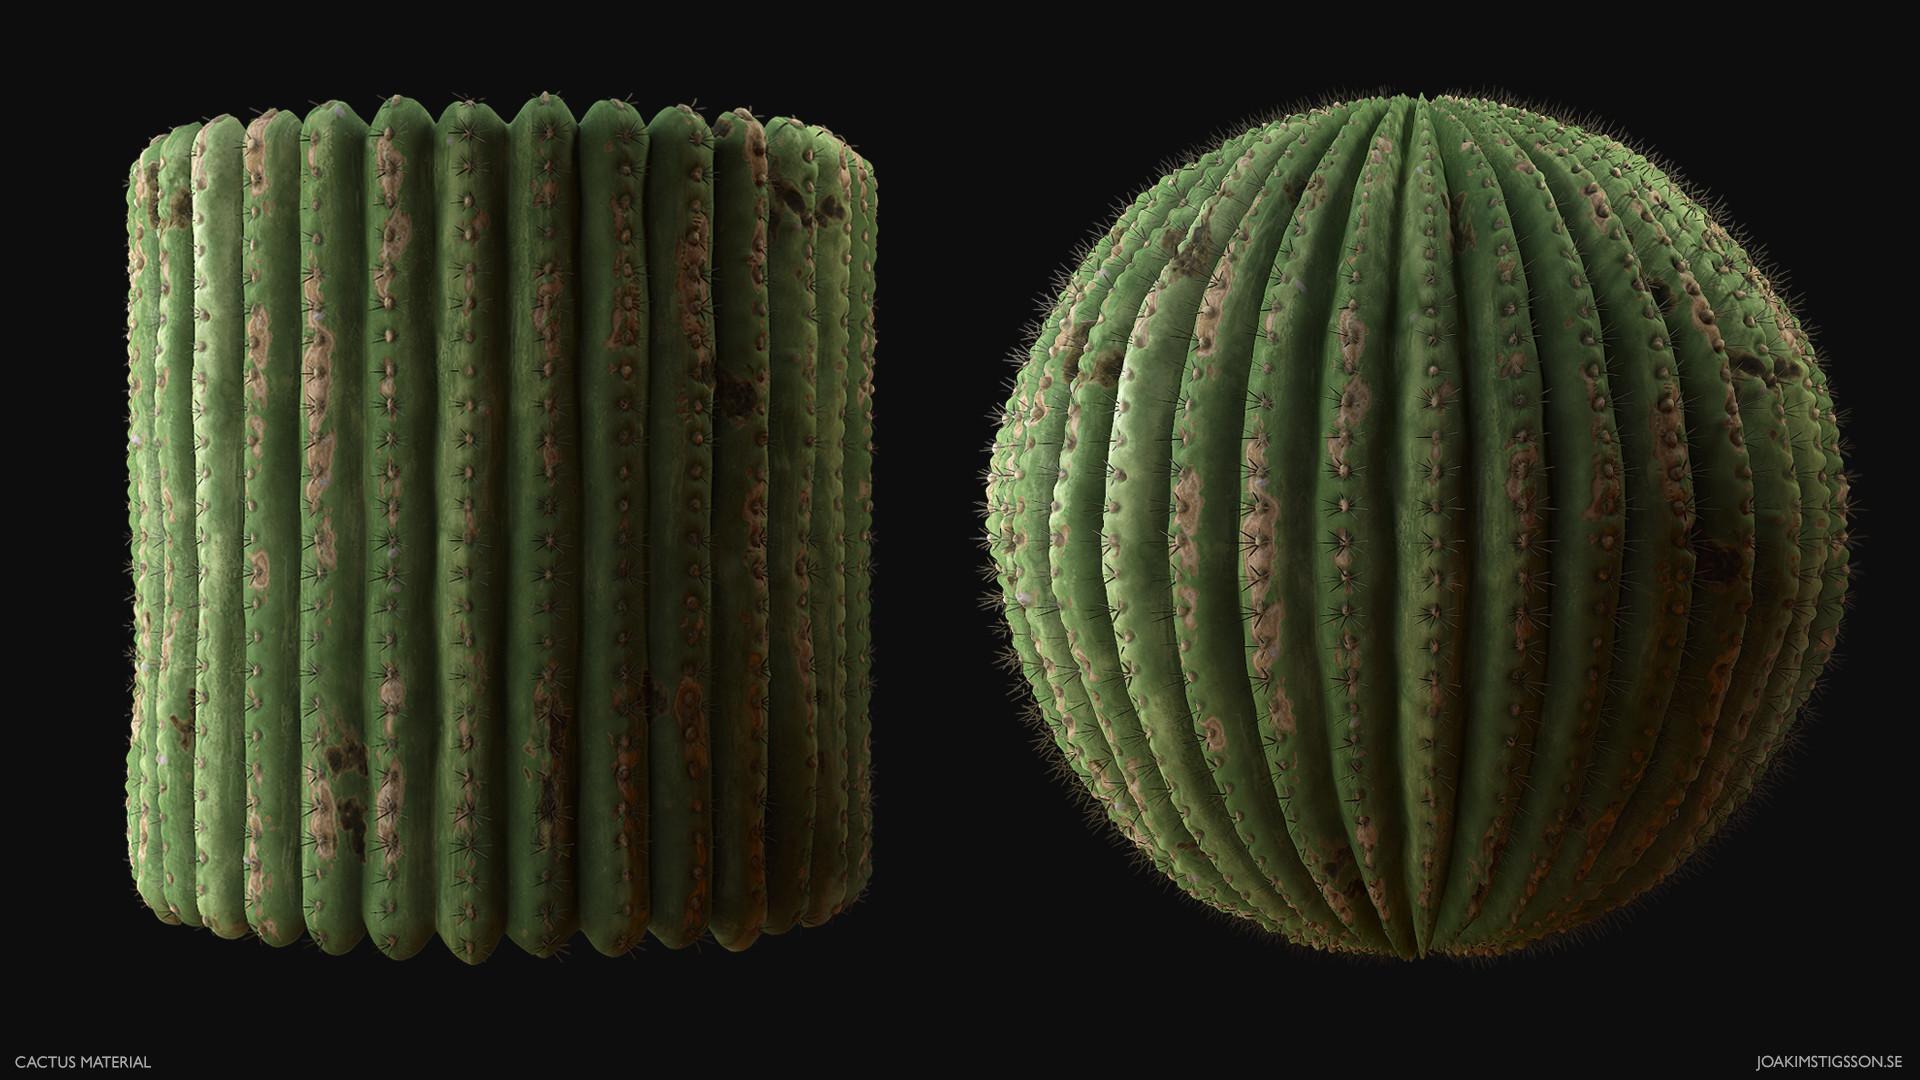 Joakim stigsson cactus 01